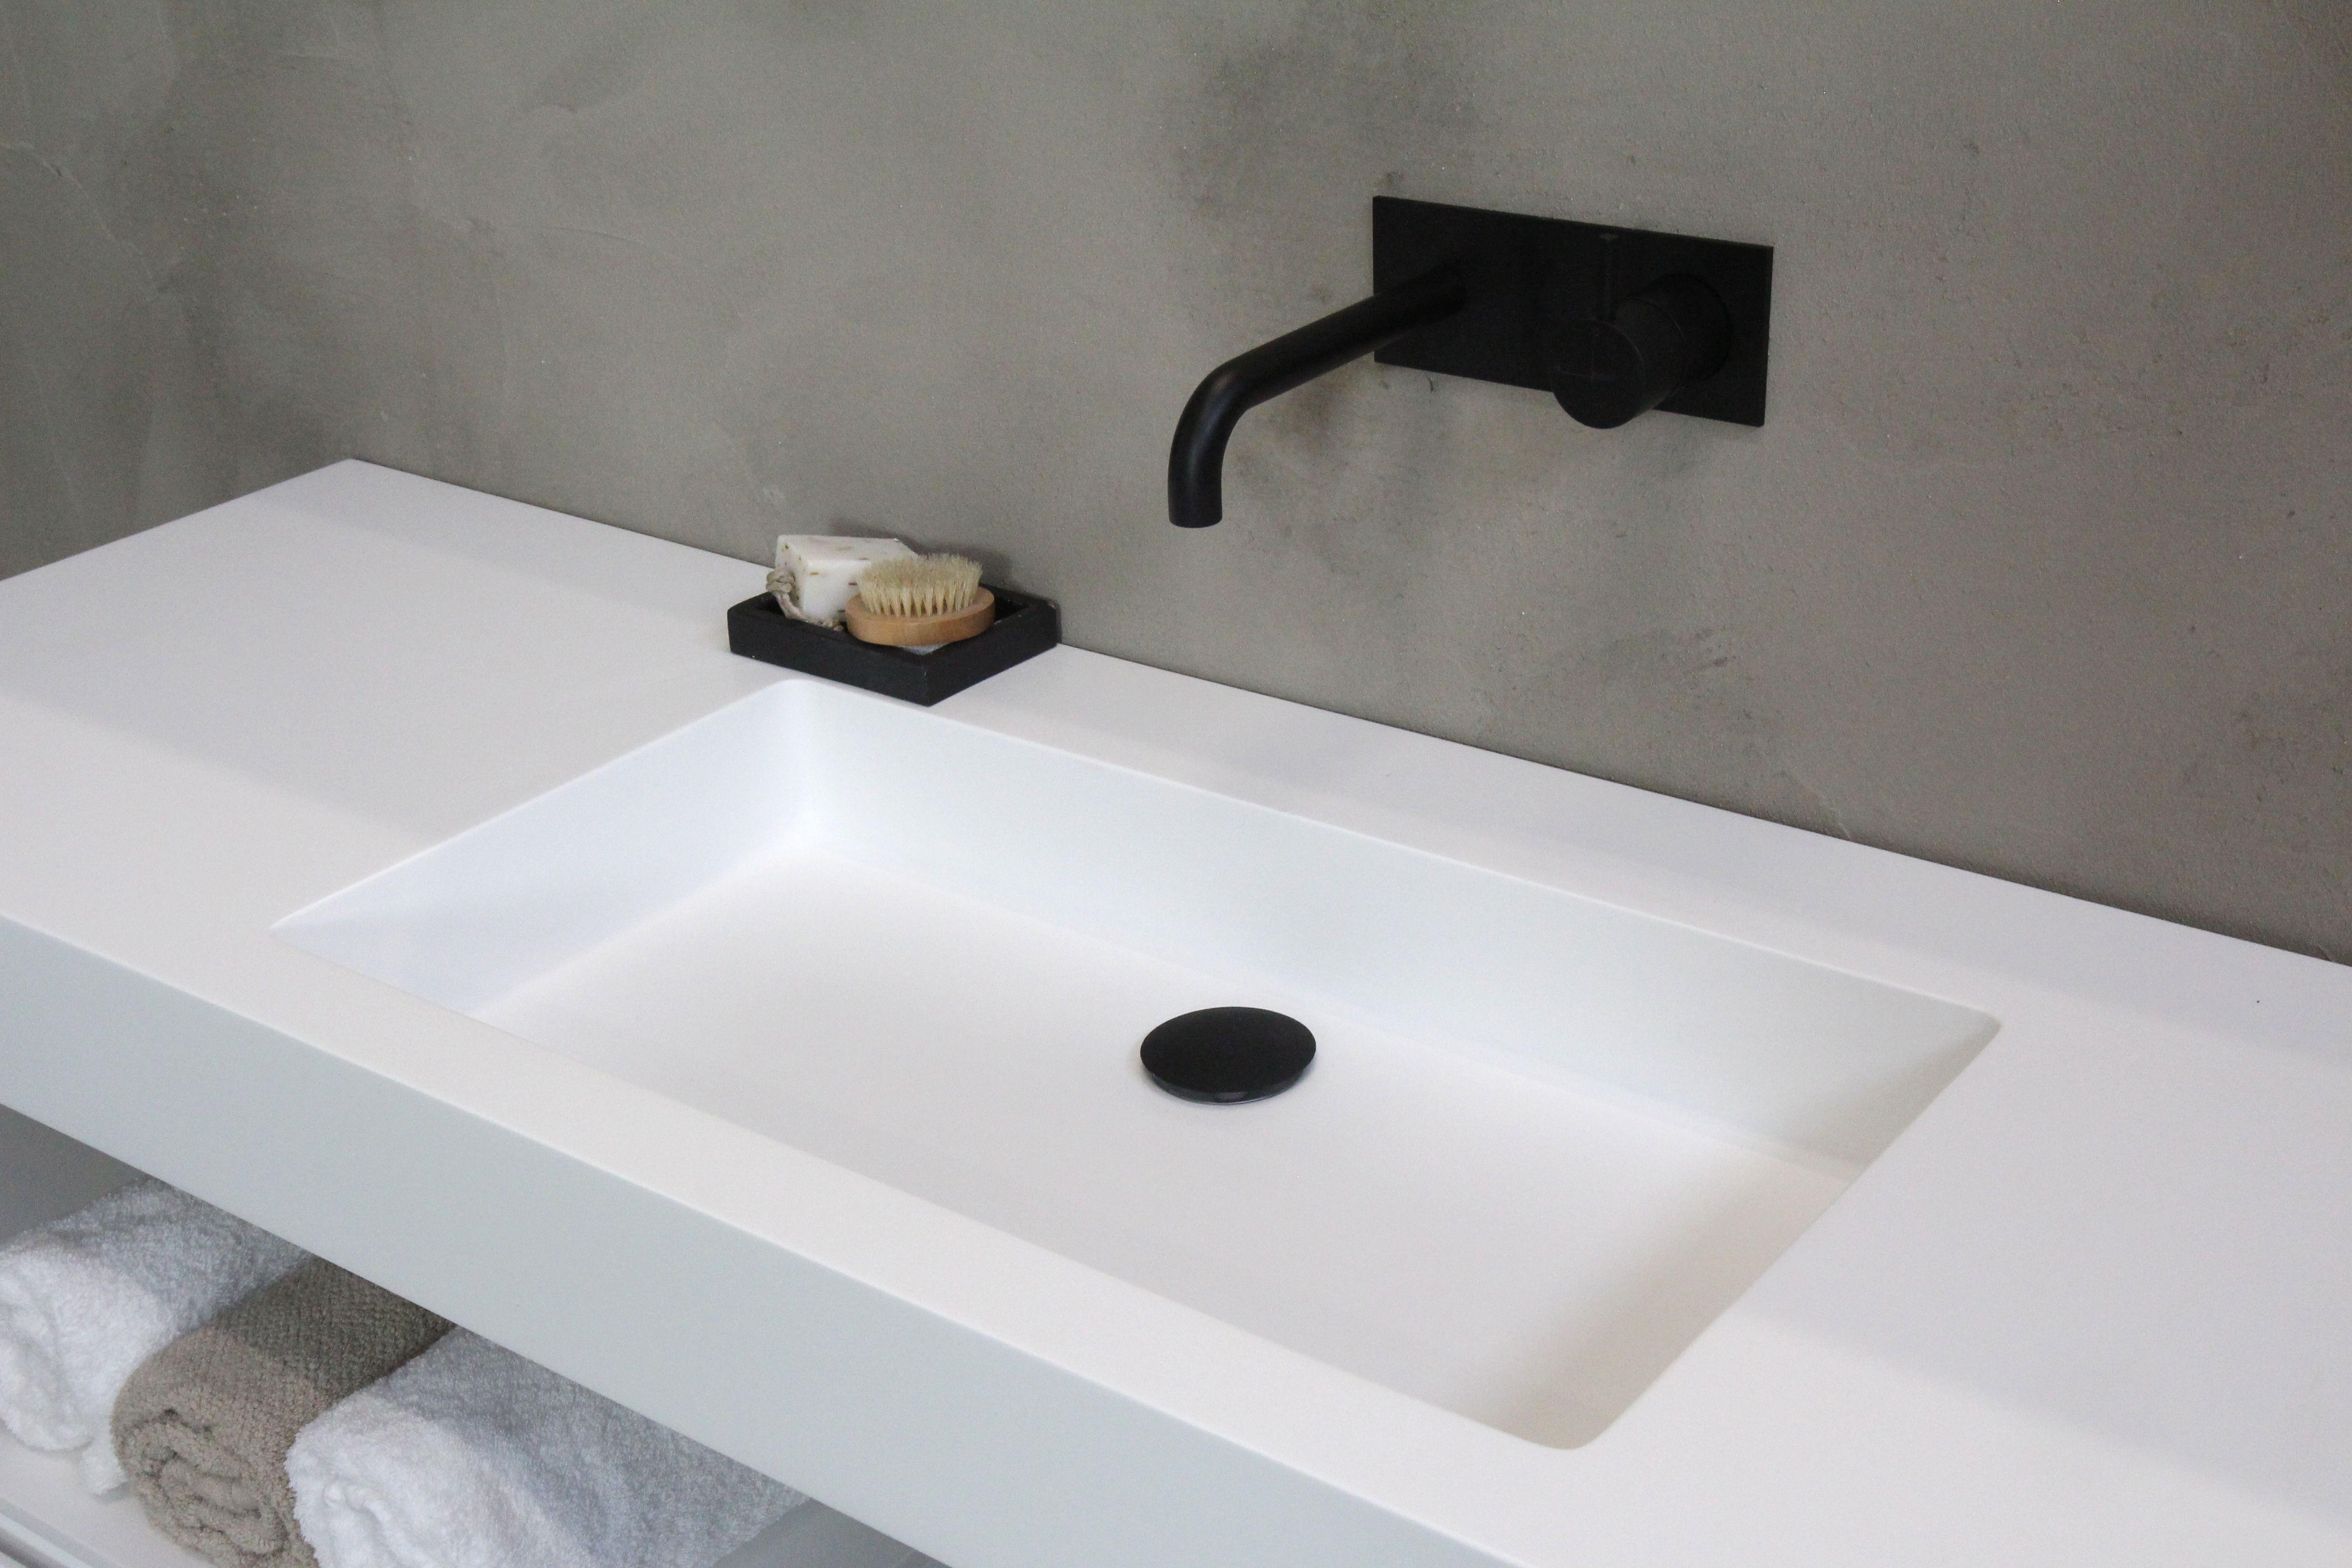 Bliss E\'viva - badkamer - bathroom - design - modern - clean - white ...